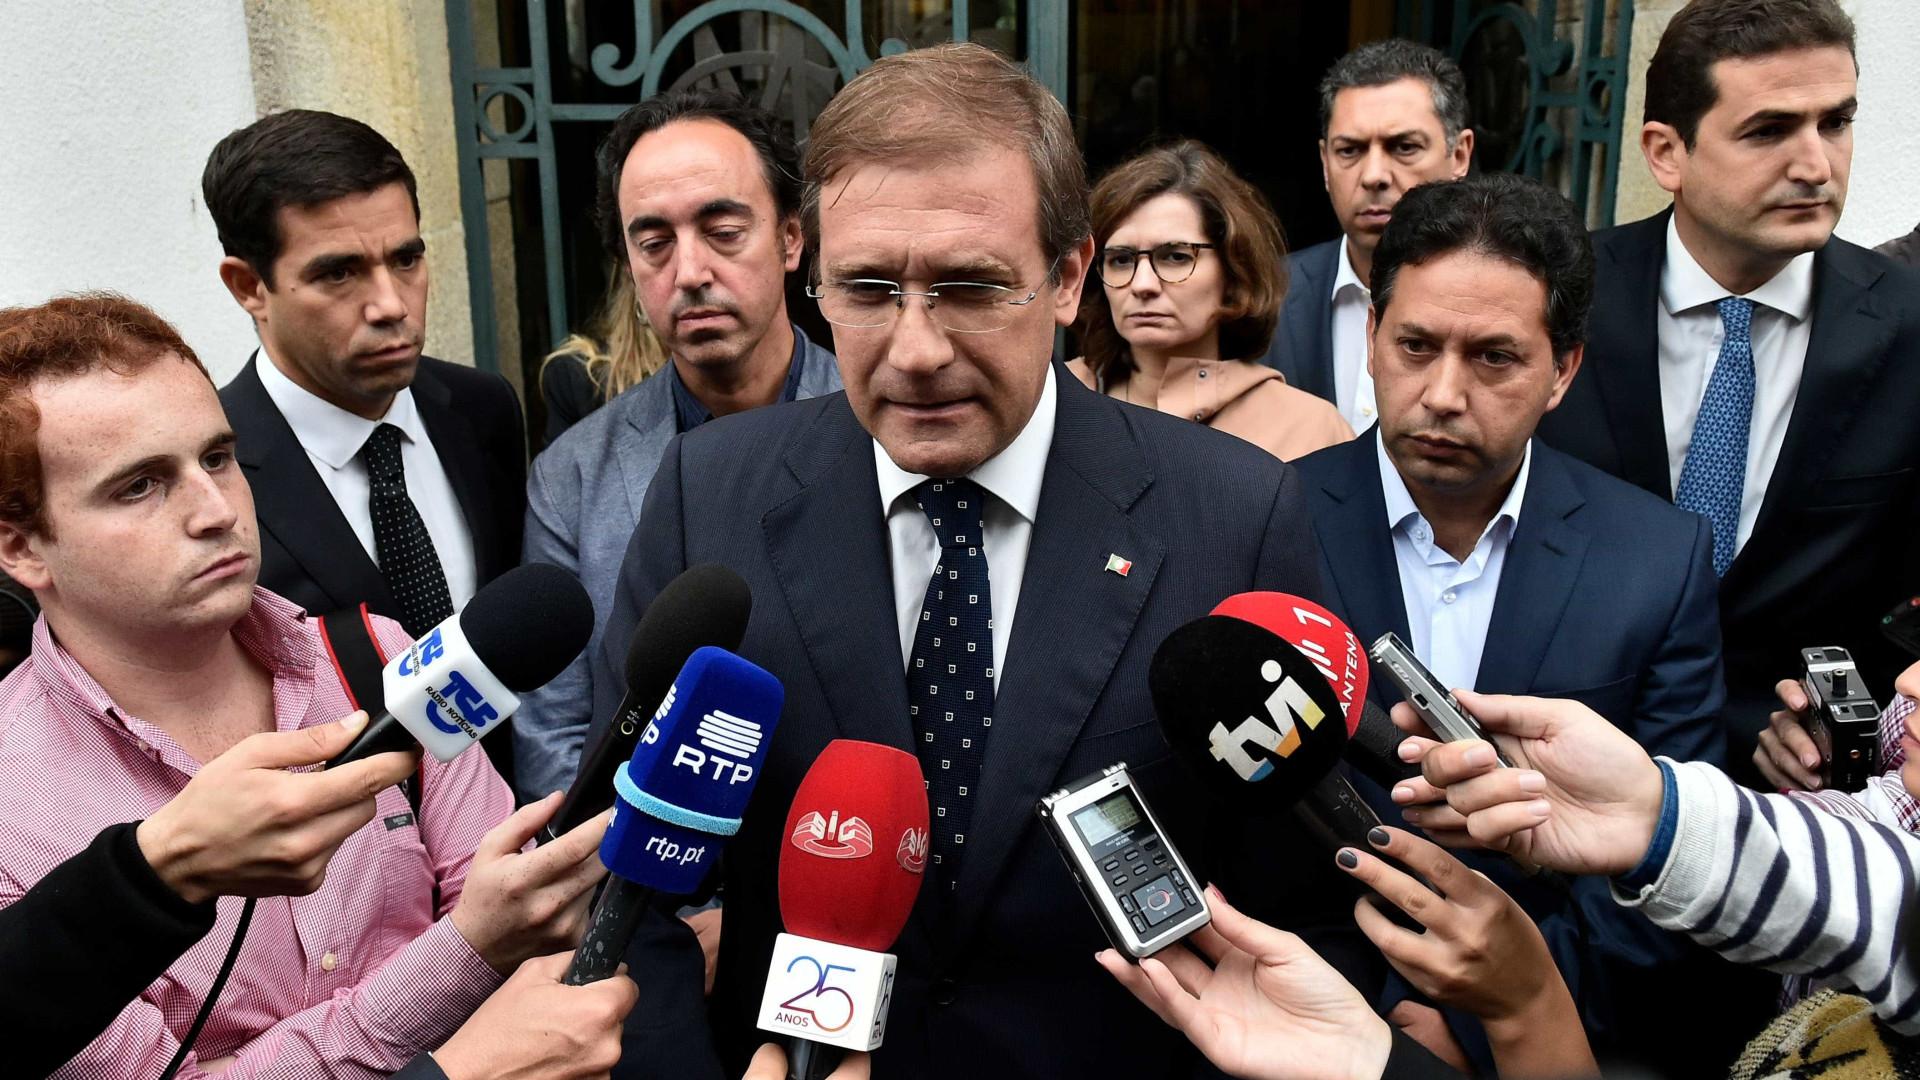 PSD quer reforçar profissionalização do combate na Proteção Civil